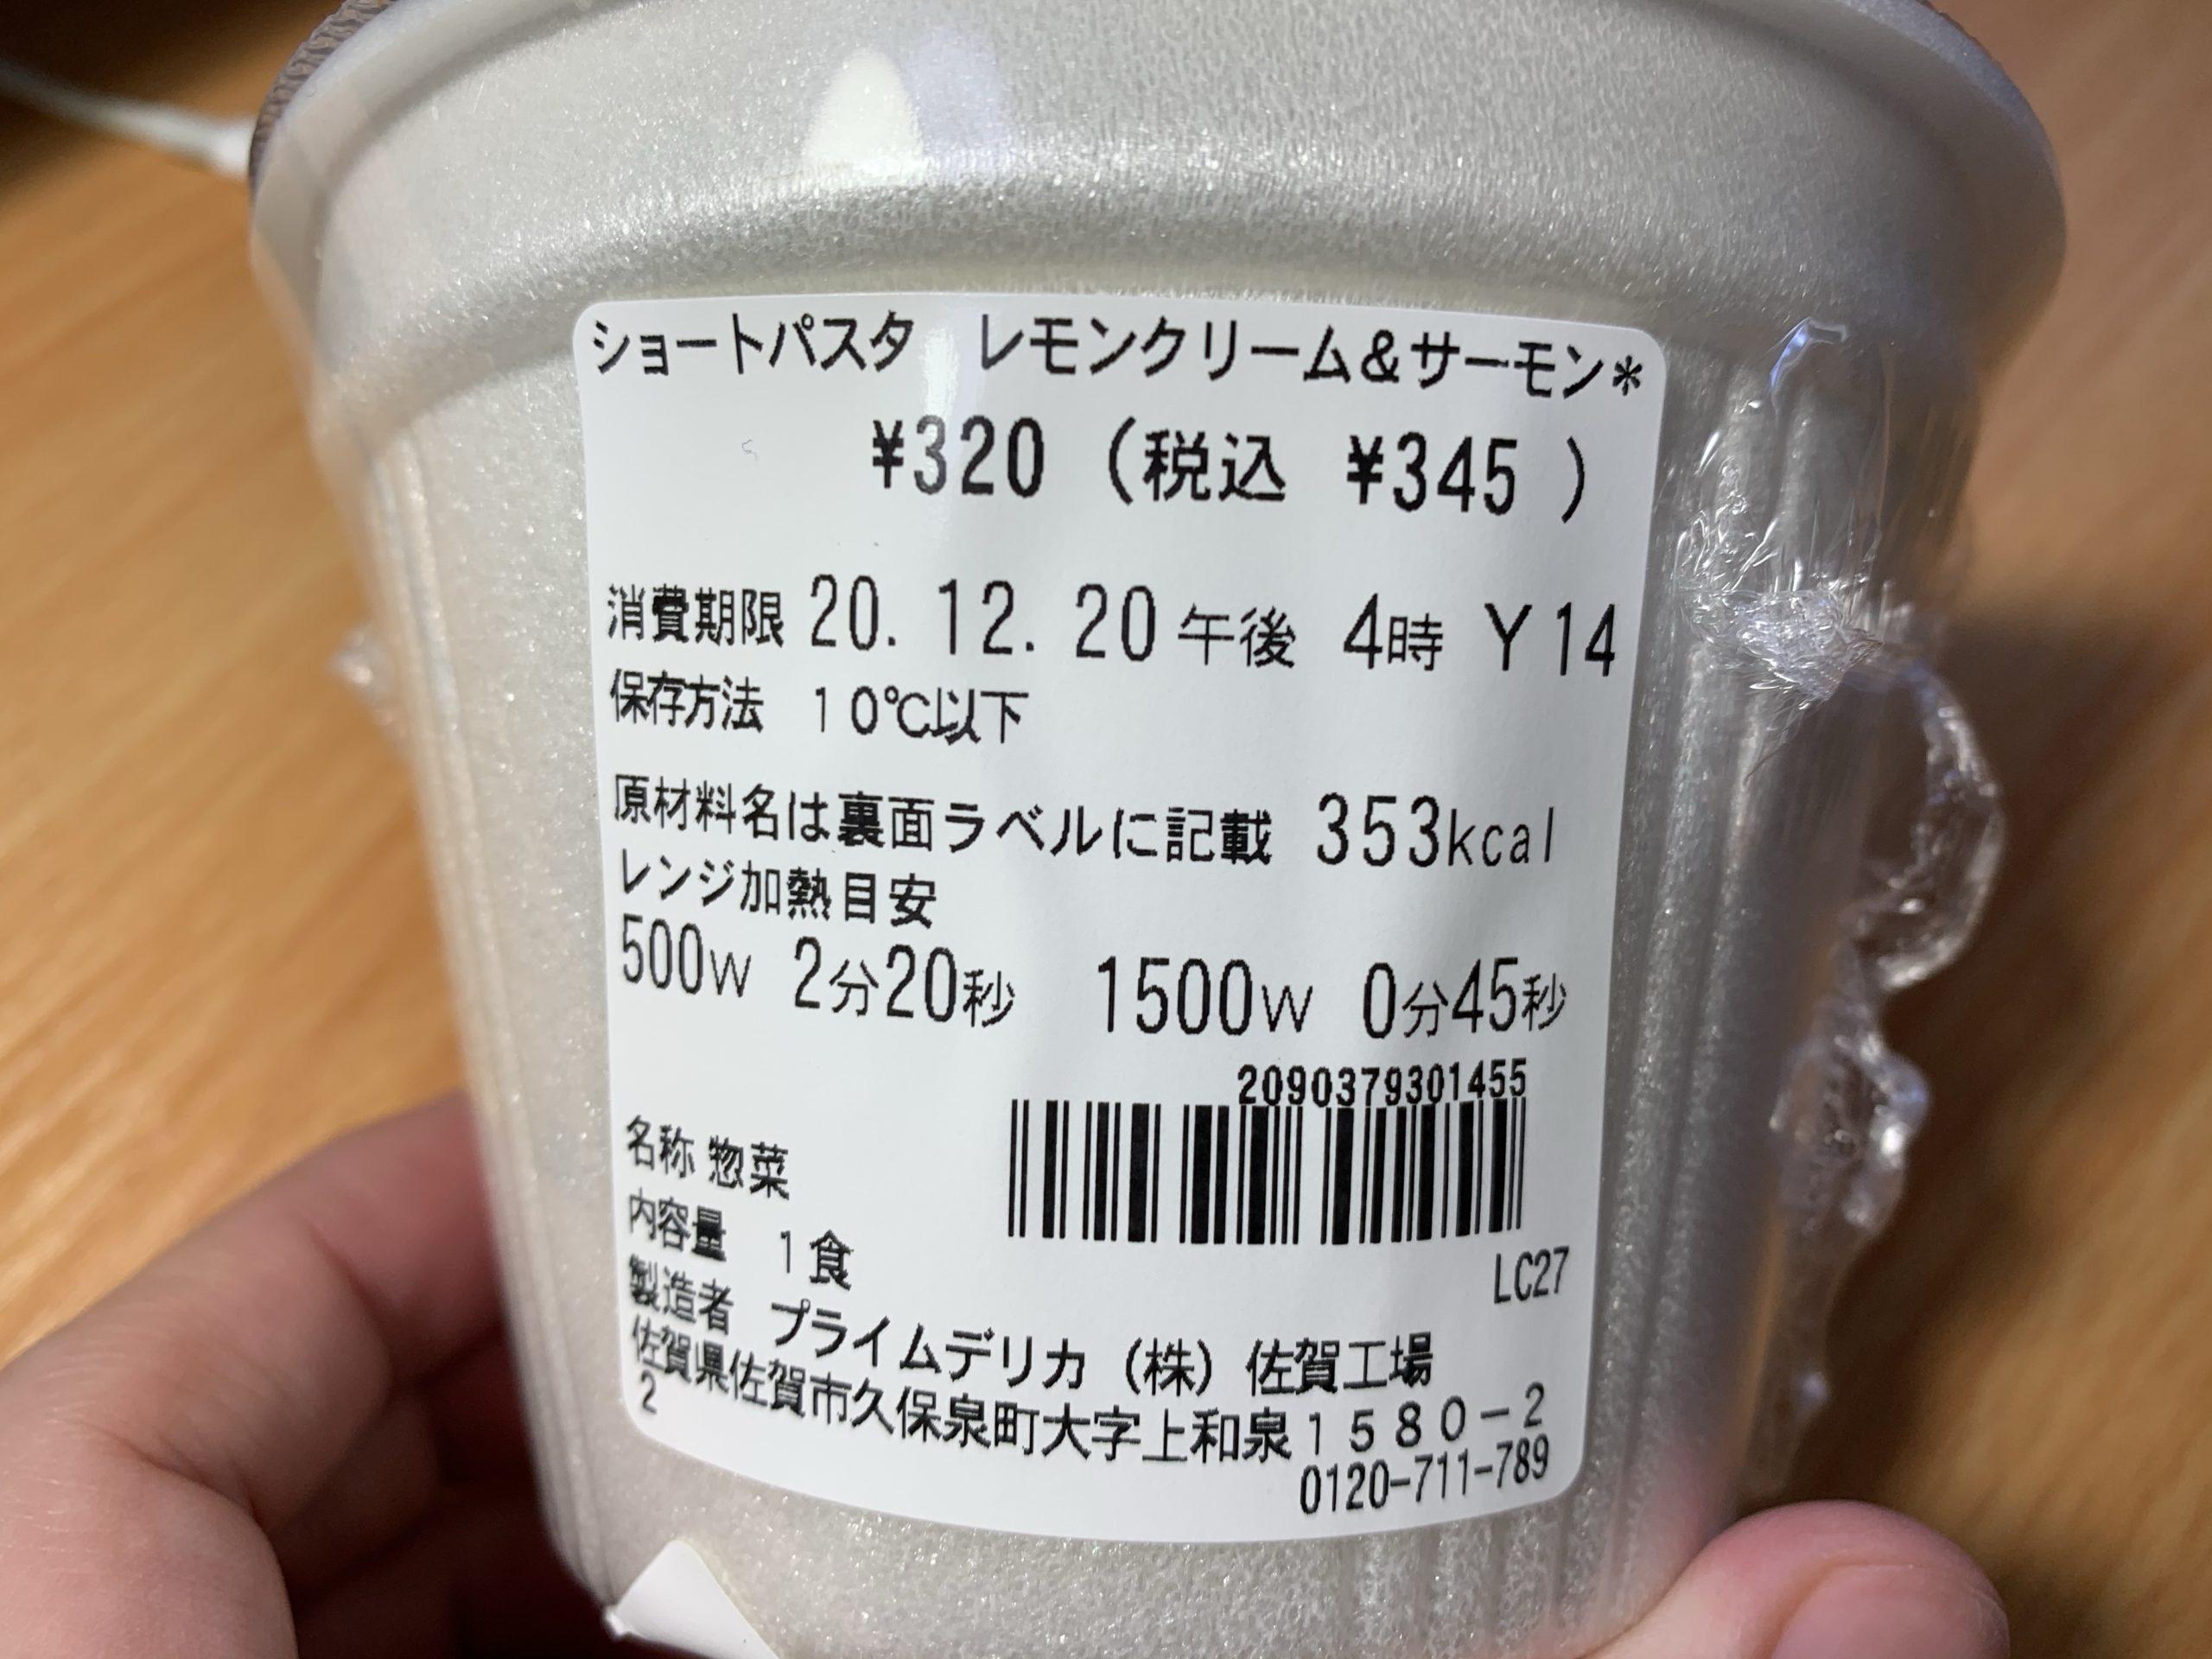 ショートパスタレモンクリーム&サーモンの加熱時間